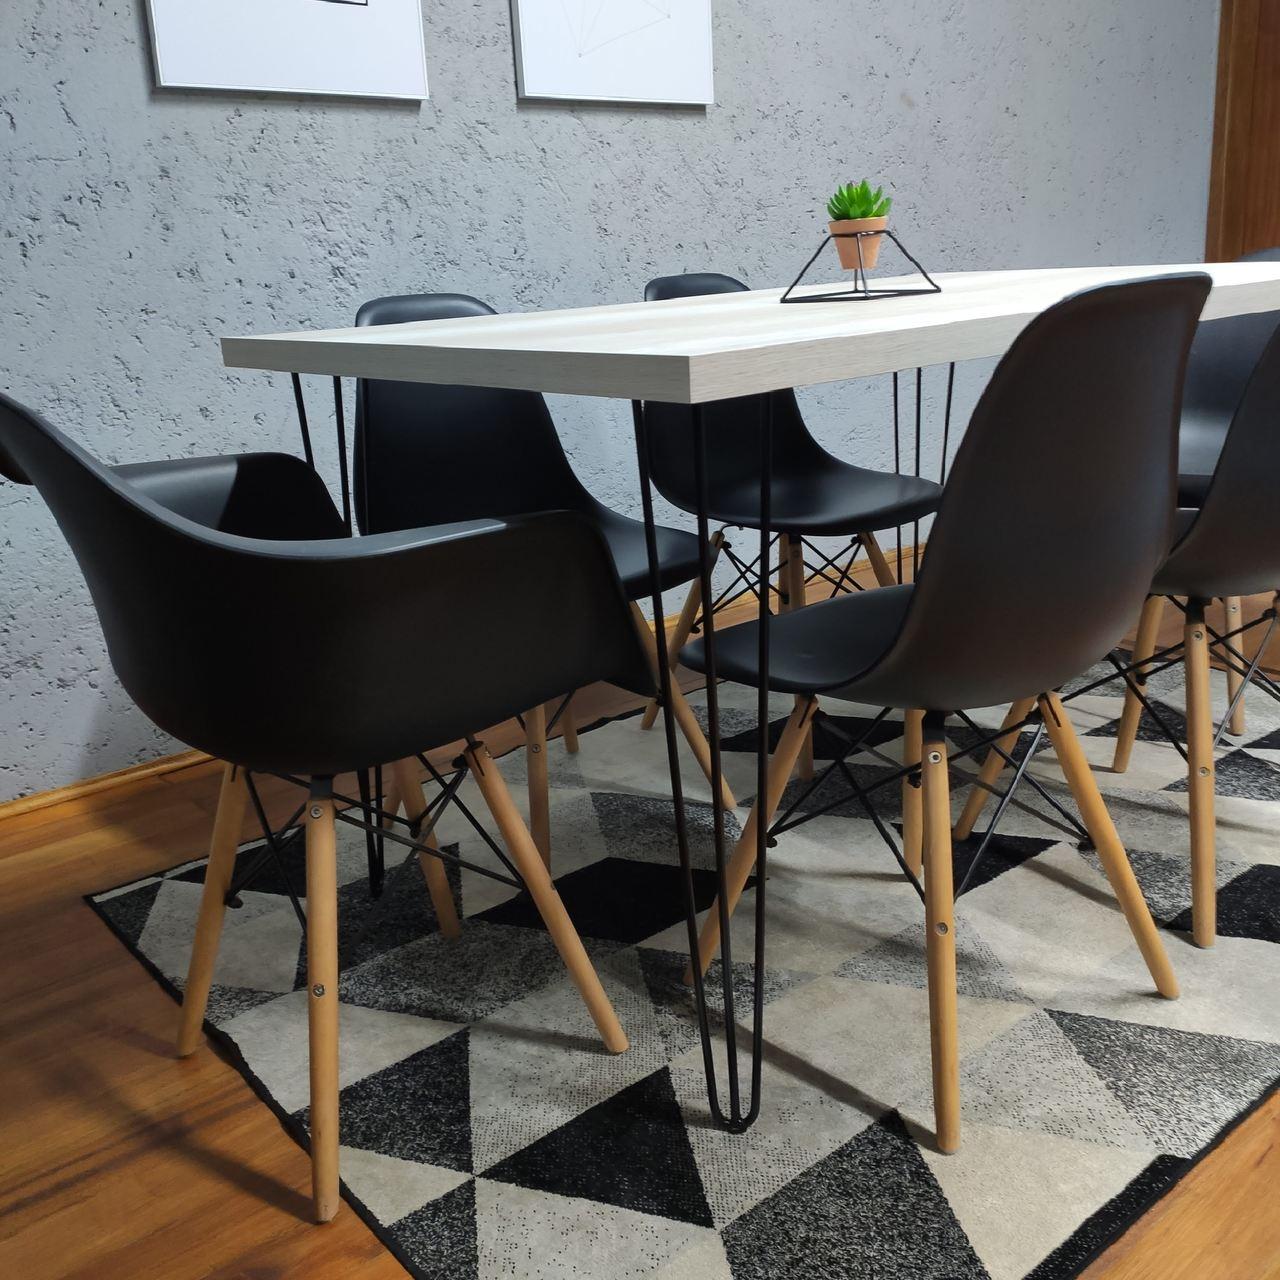 Mesa de Jantar Mezzo Bianco com Hairpin Legs e Tampo 100% MDF (PONTA DE ESTOQUE)  - Mtne Store